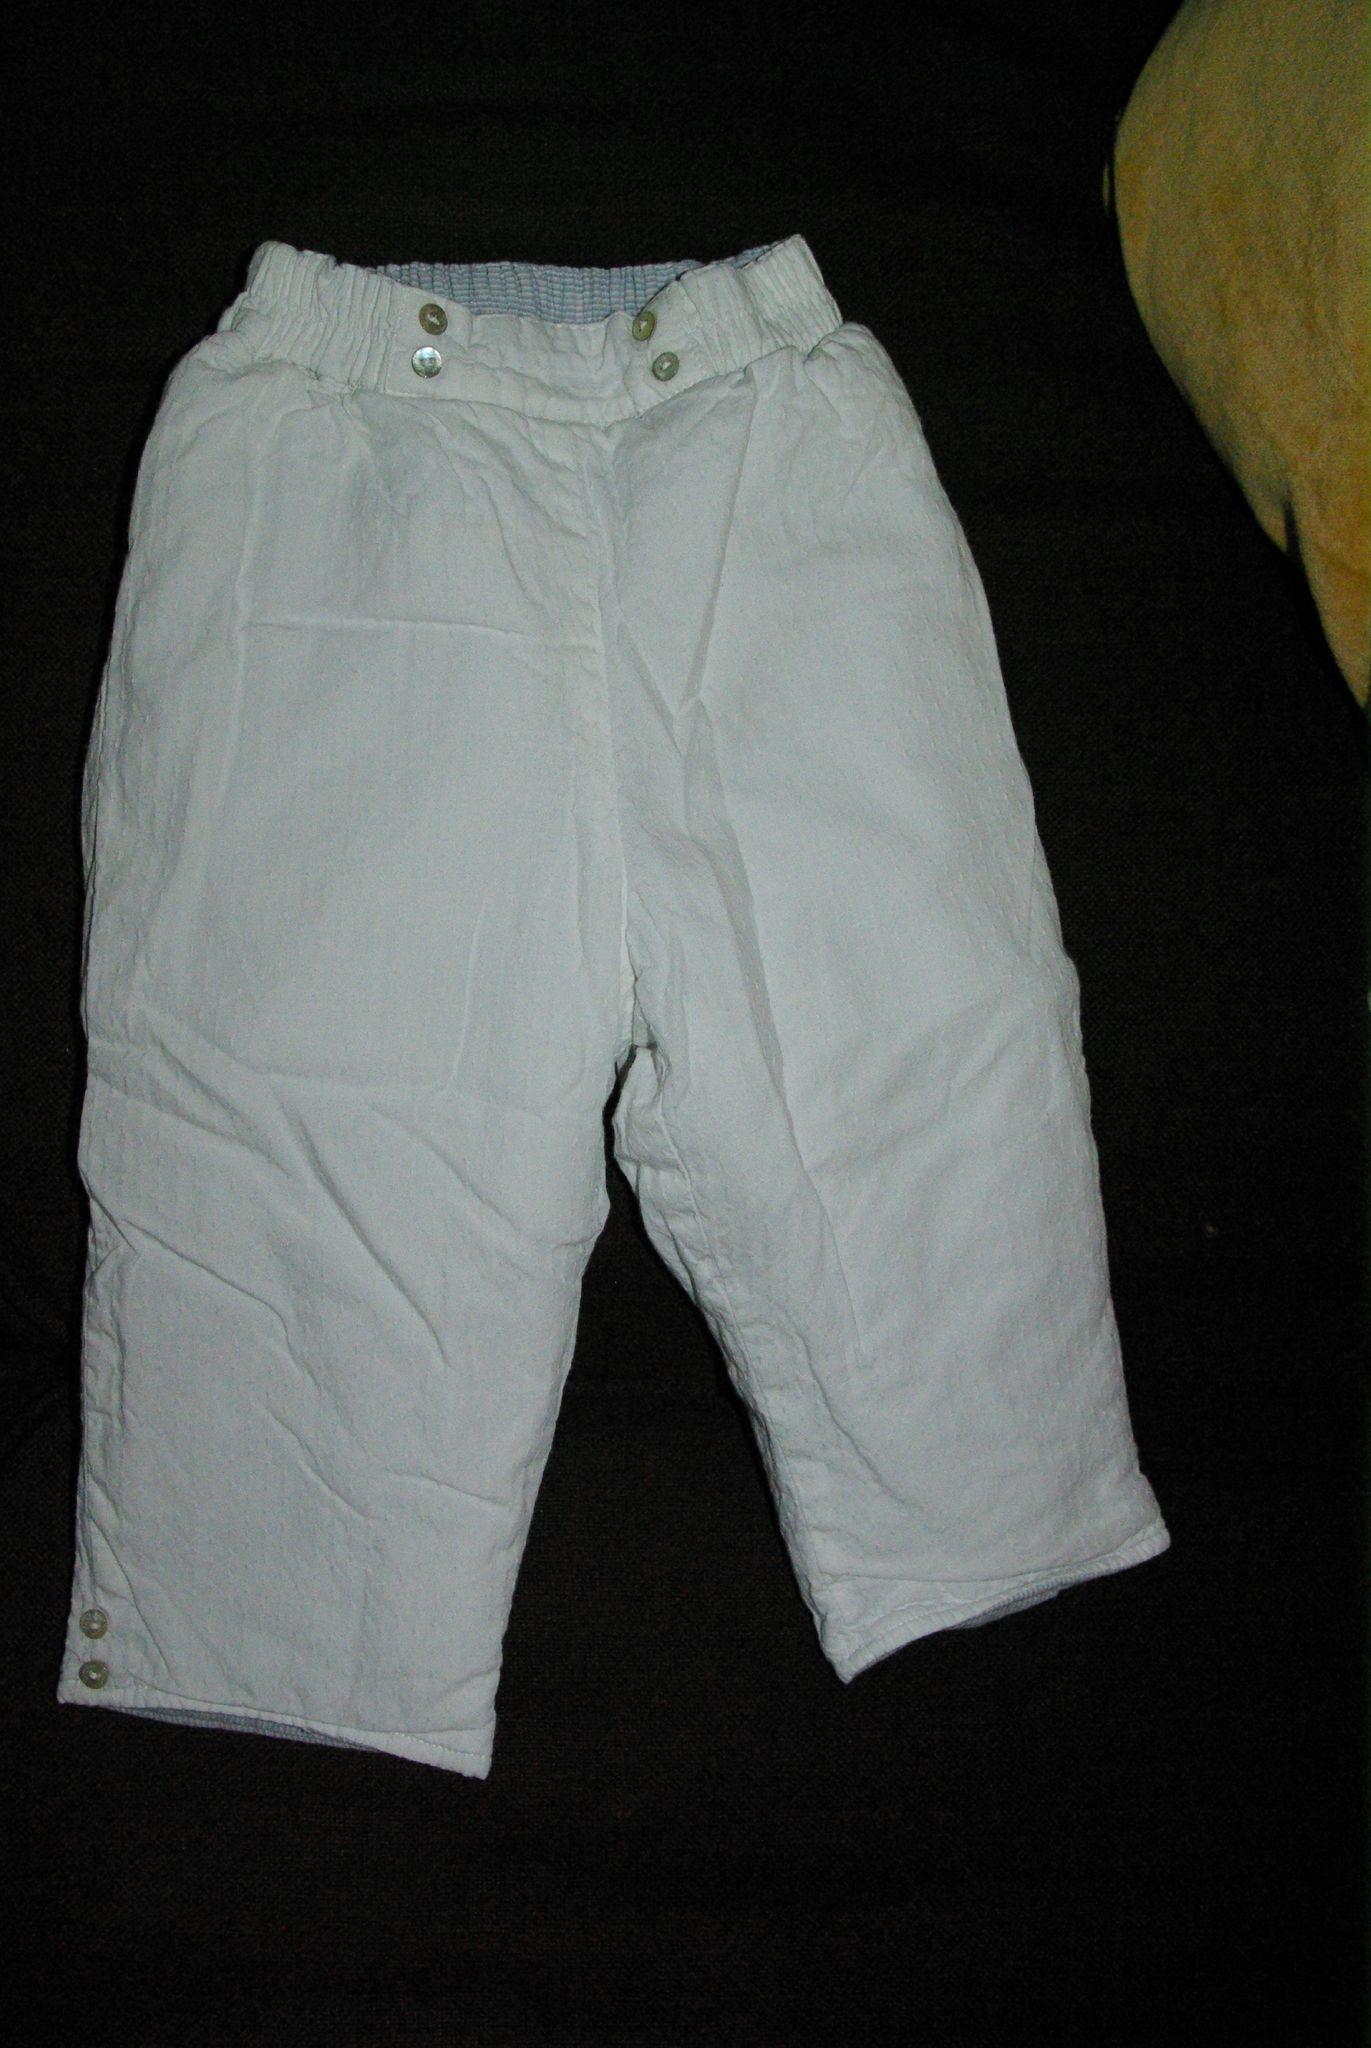 Pantalon réversible Cyrillus 6 mois 5 E